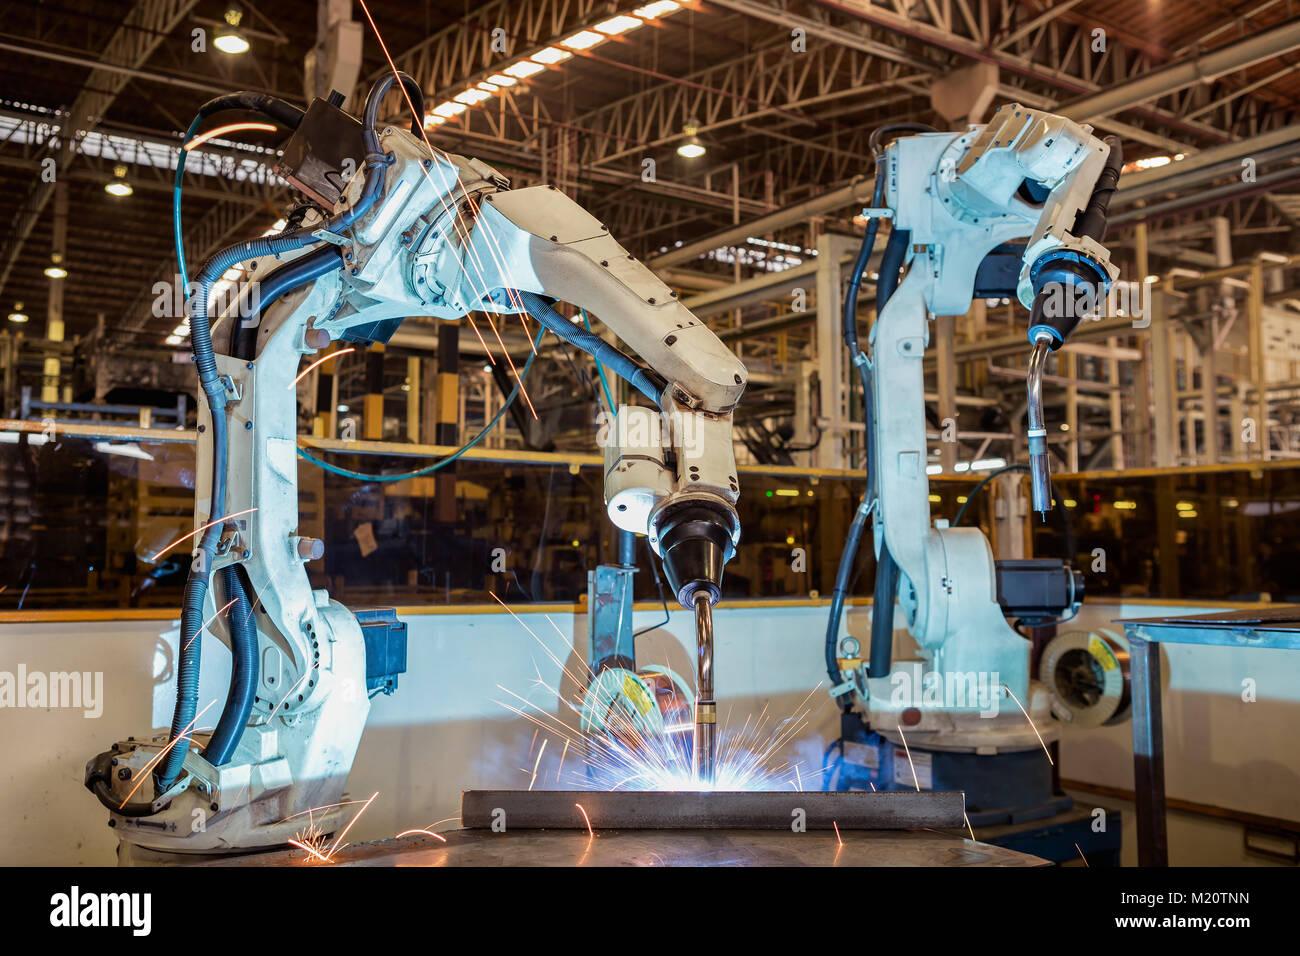 welding robot industry industrial